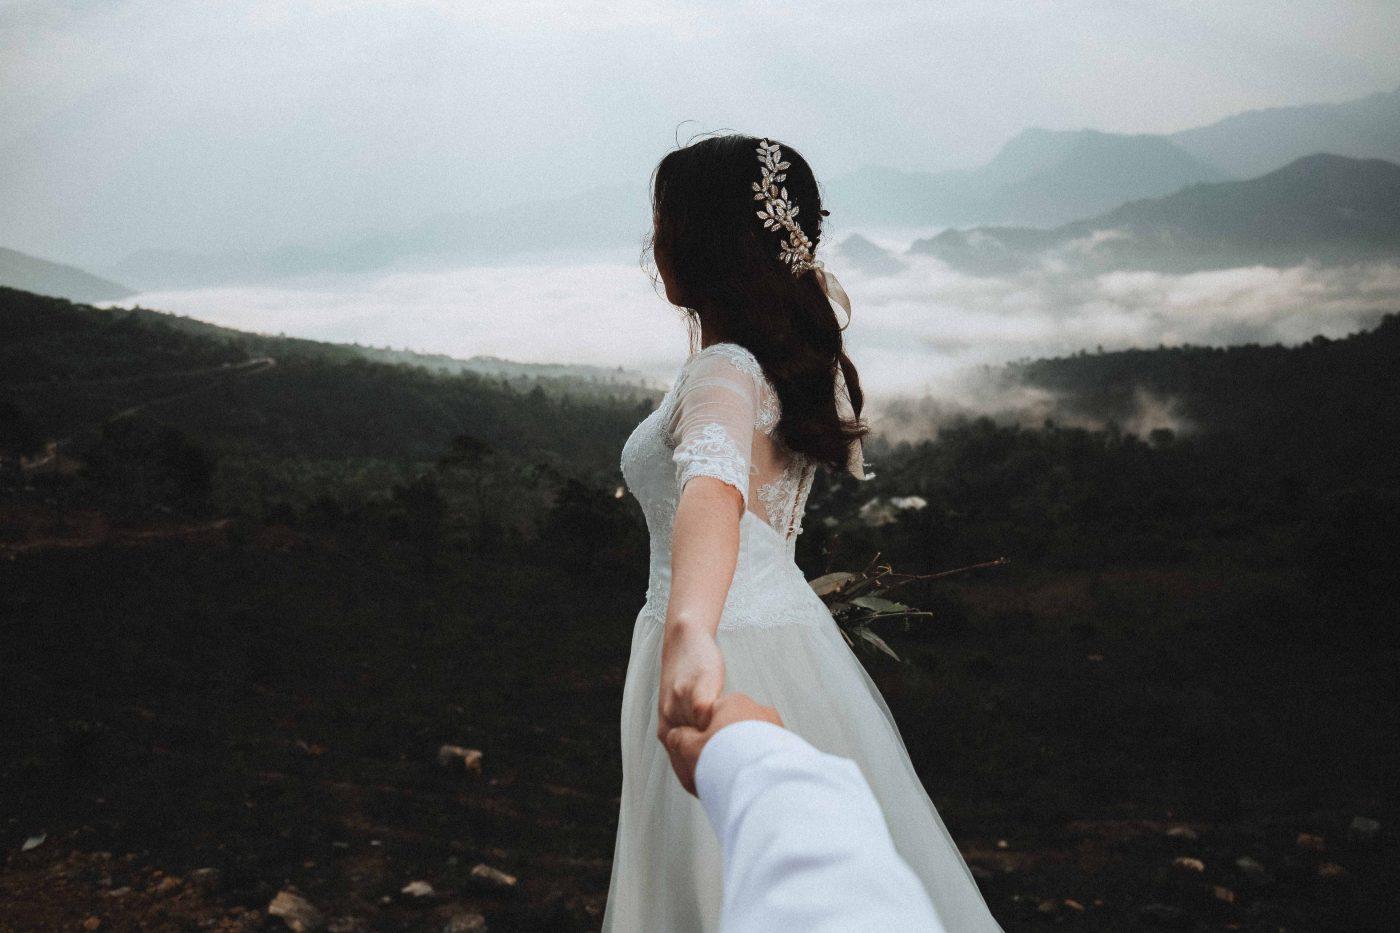 Overseas Destination Wedding Planning Checklist